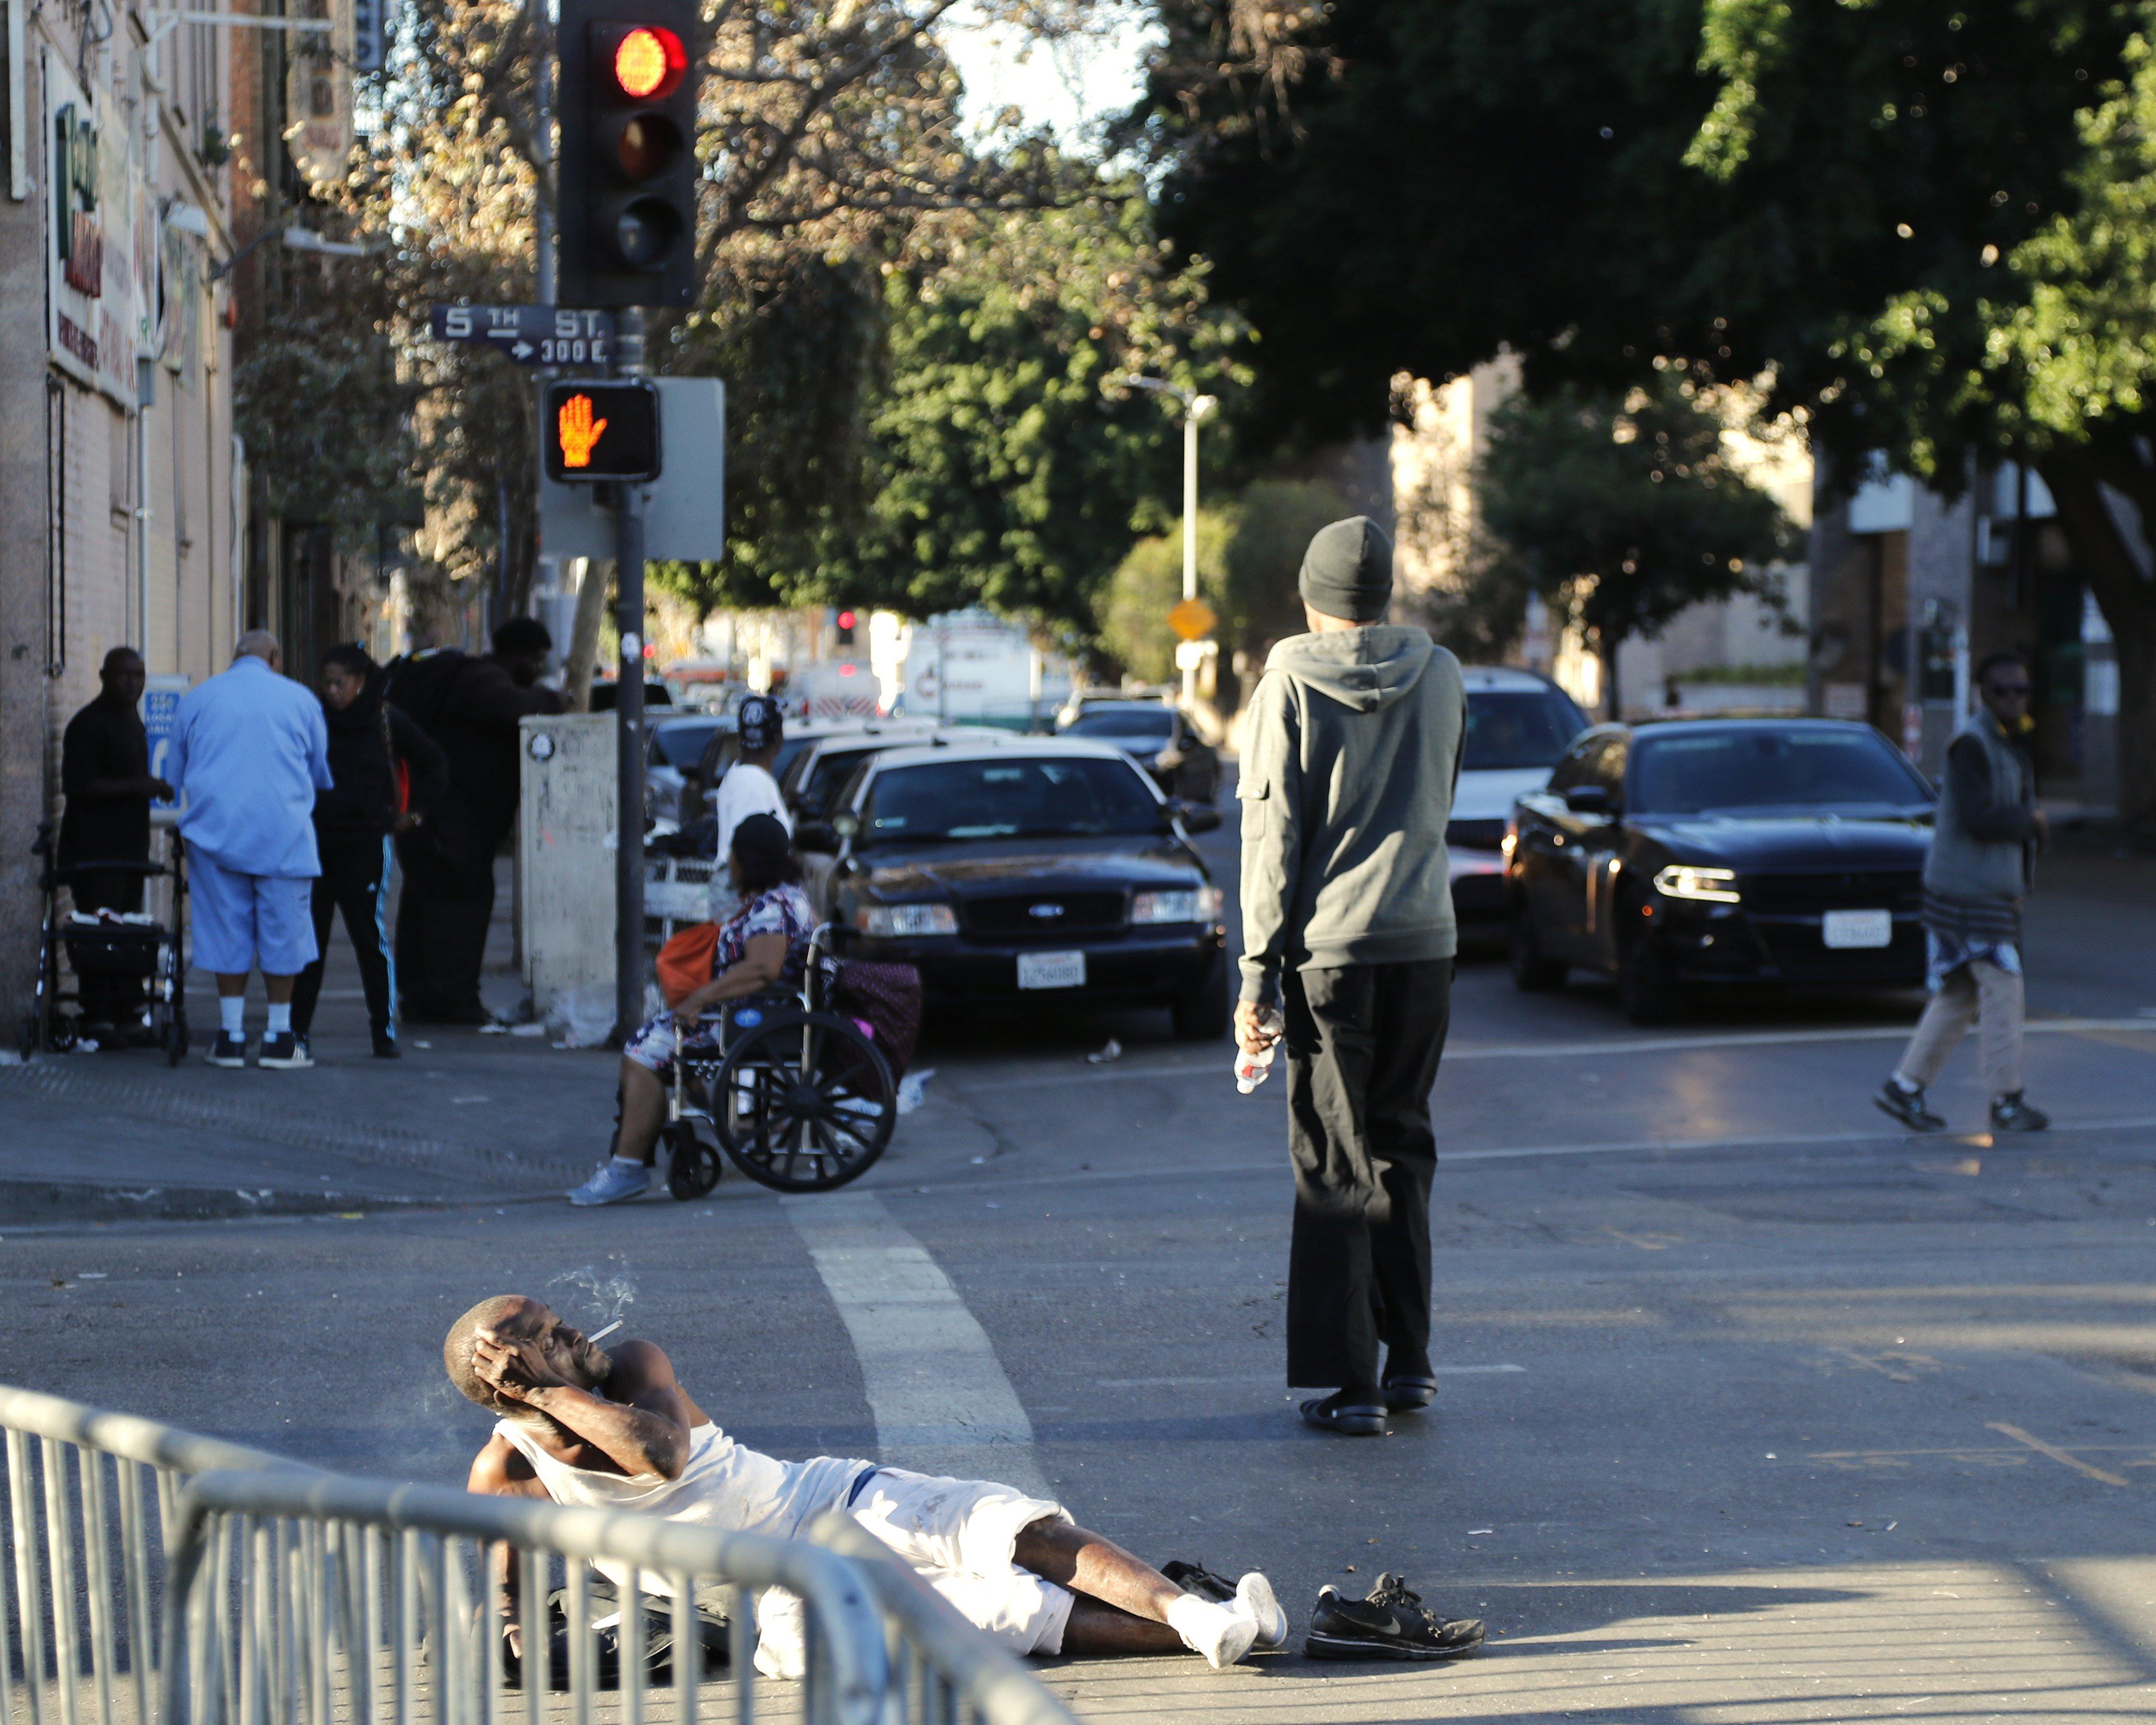 Es calcula que més de 60.000 persones viuen als carrers de Los Angeles. /PAUL BUCK